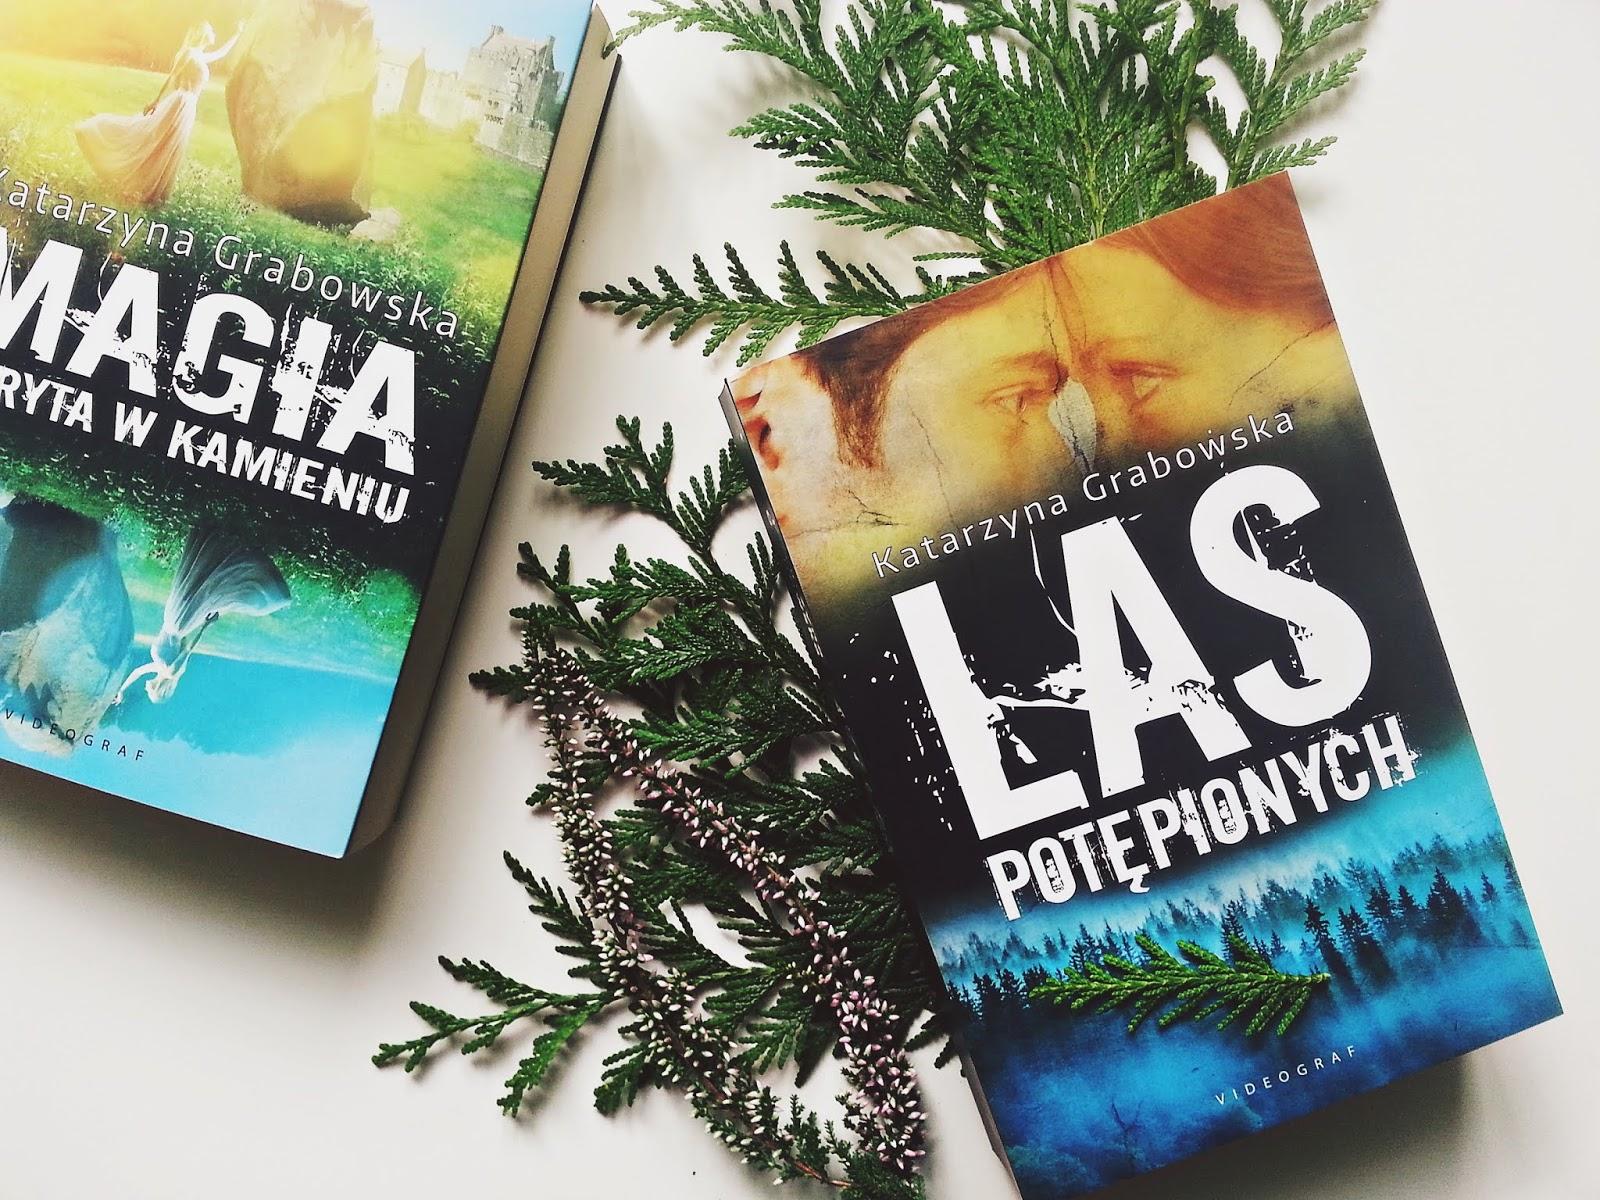 Las Potępionych, Magia ukryta w kamieniu, tom 2, książka, Katarzyna Grabowska, videograf, wydawnictwo videograf, konkurs